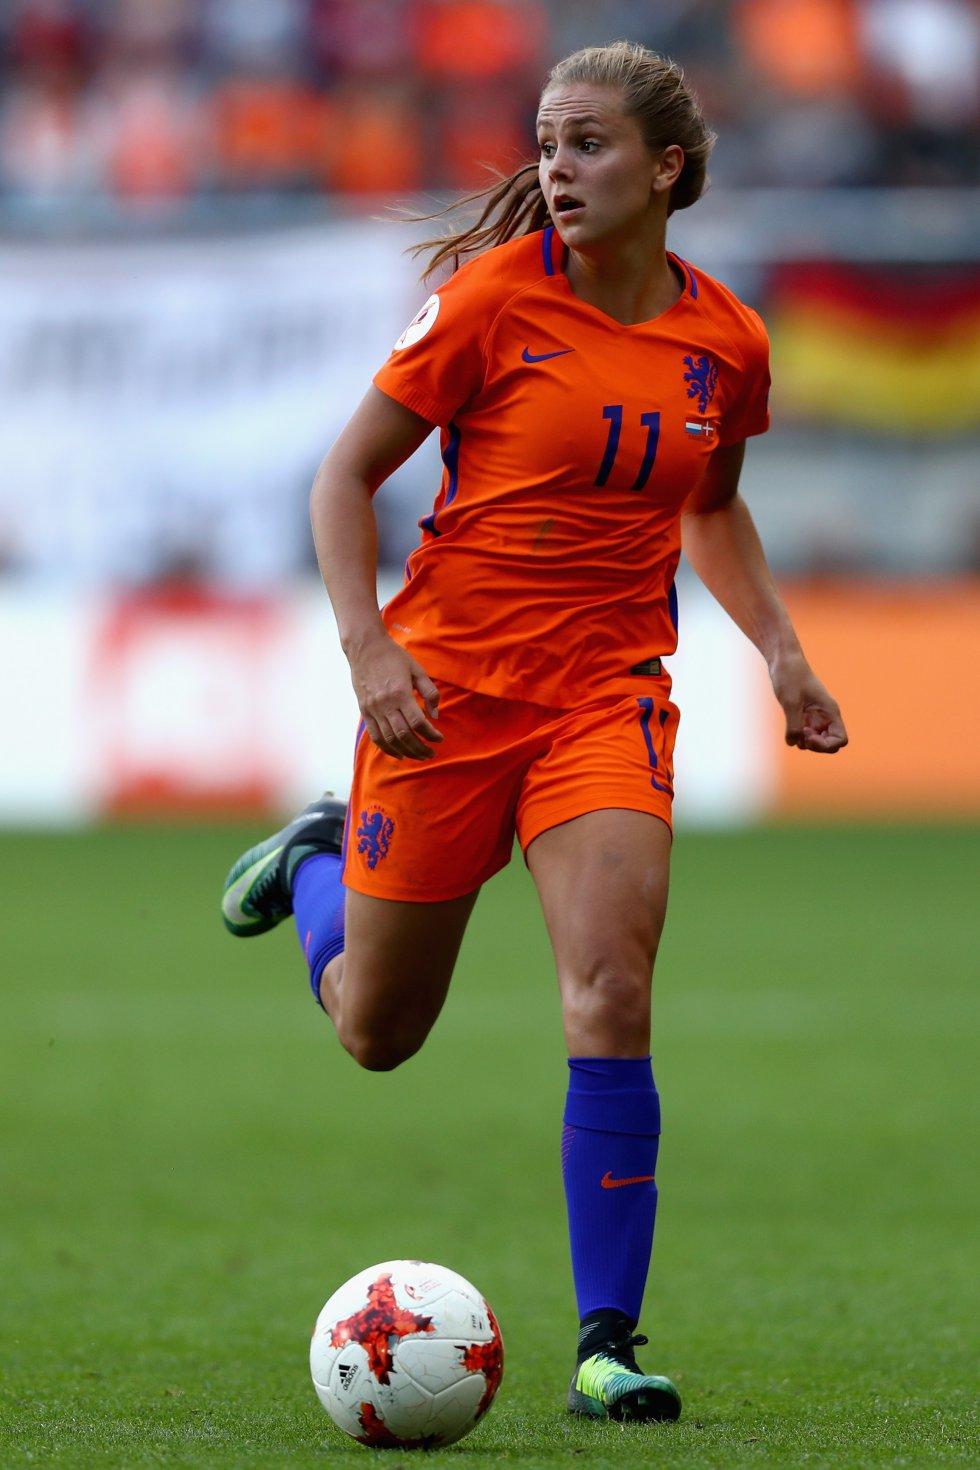 Conozca a Lieke Martens, la mejor jugadora de la temporada en Europa